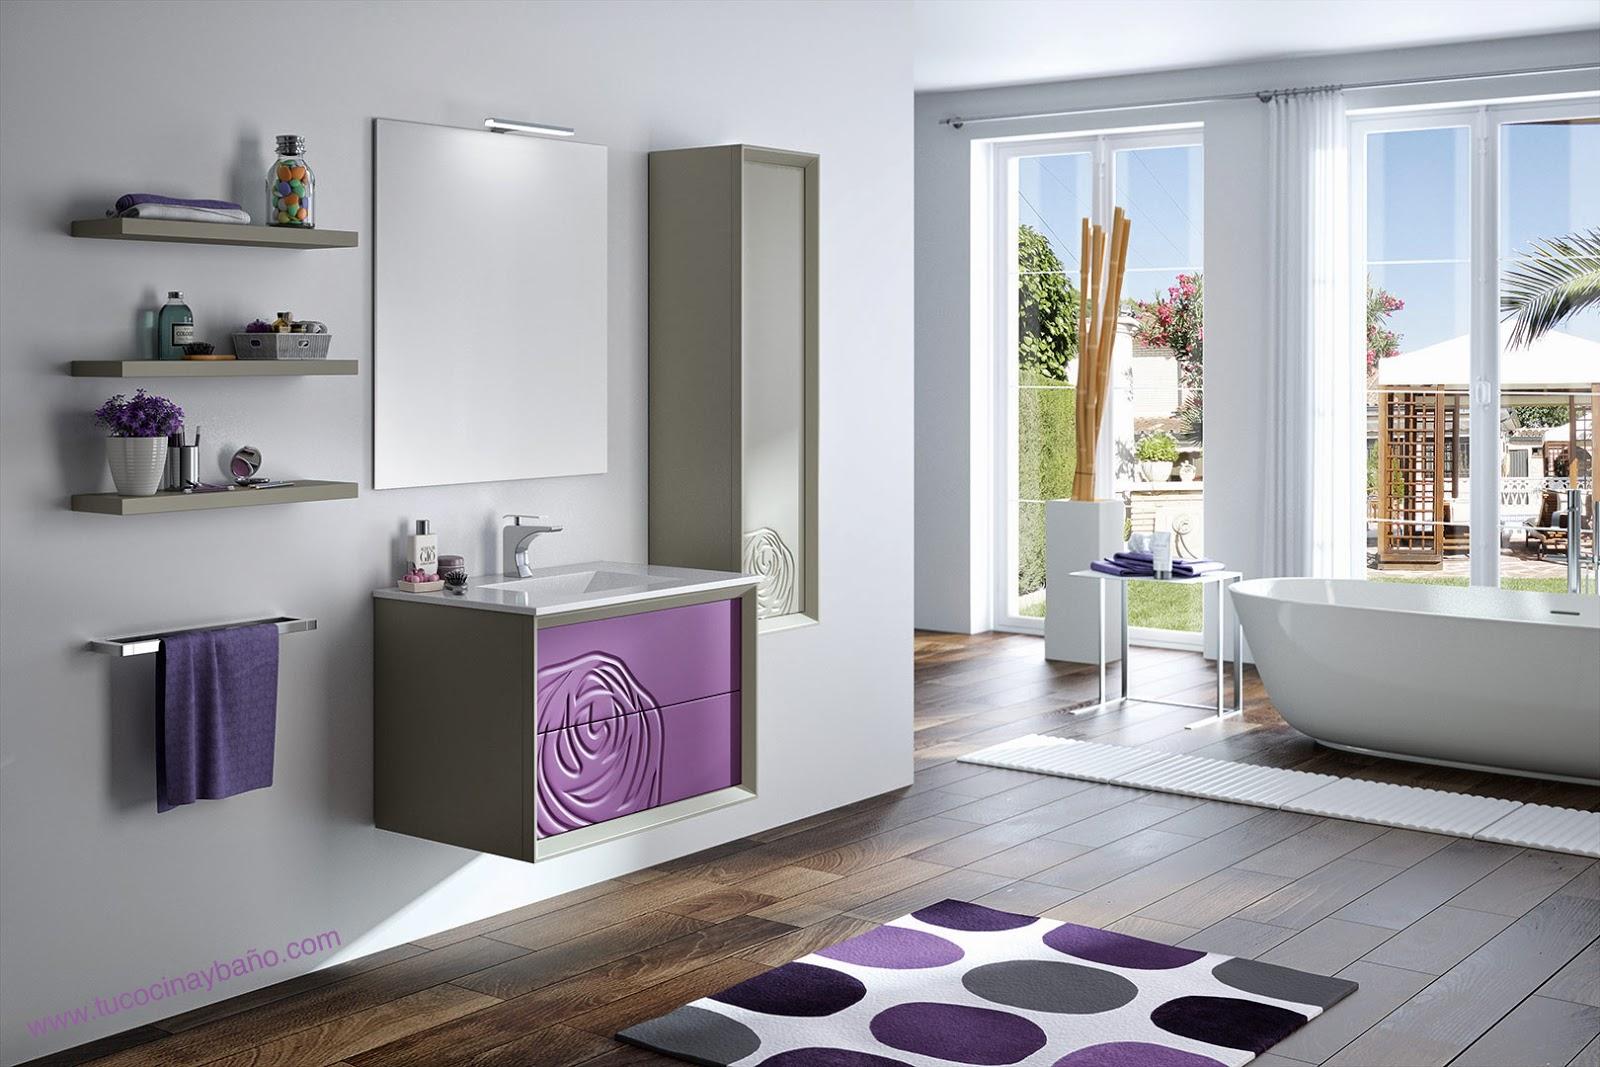 Mueble de ba o rosal 2 colores tu cocina y ba o for Muebles altos de bano